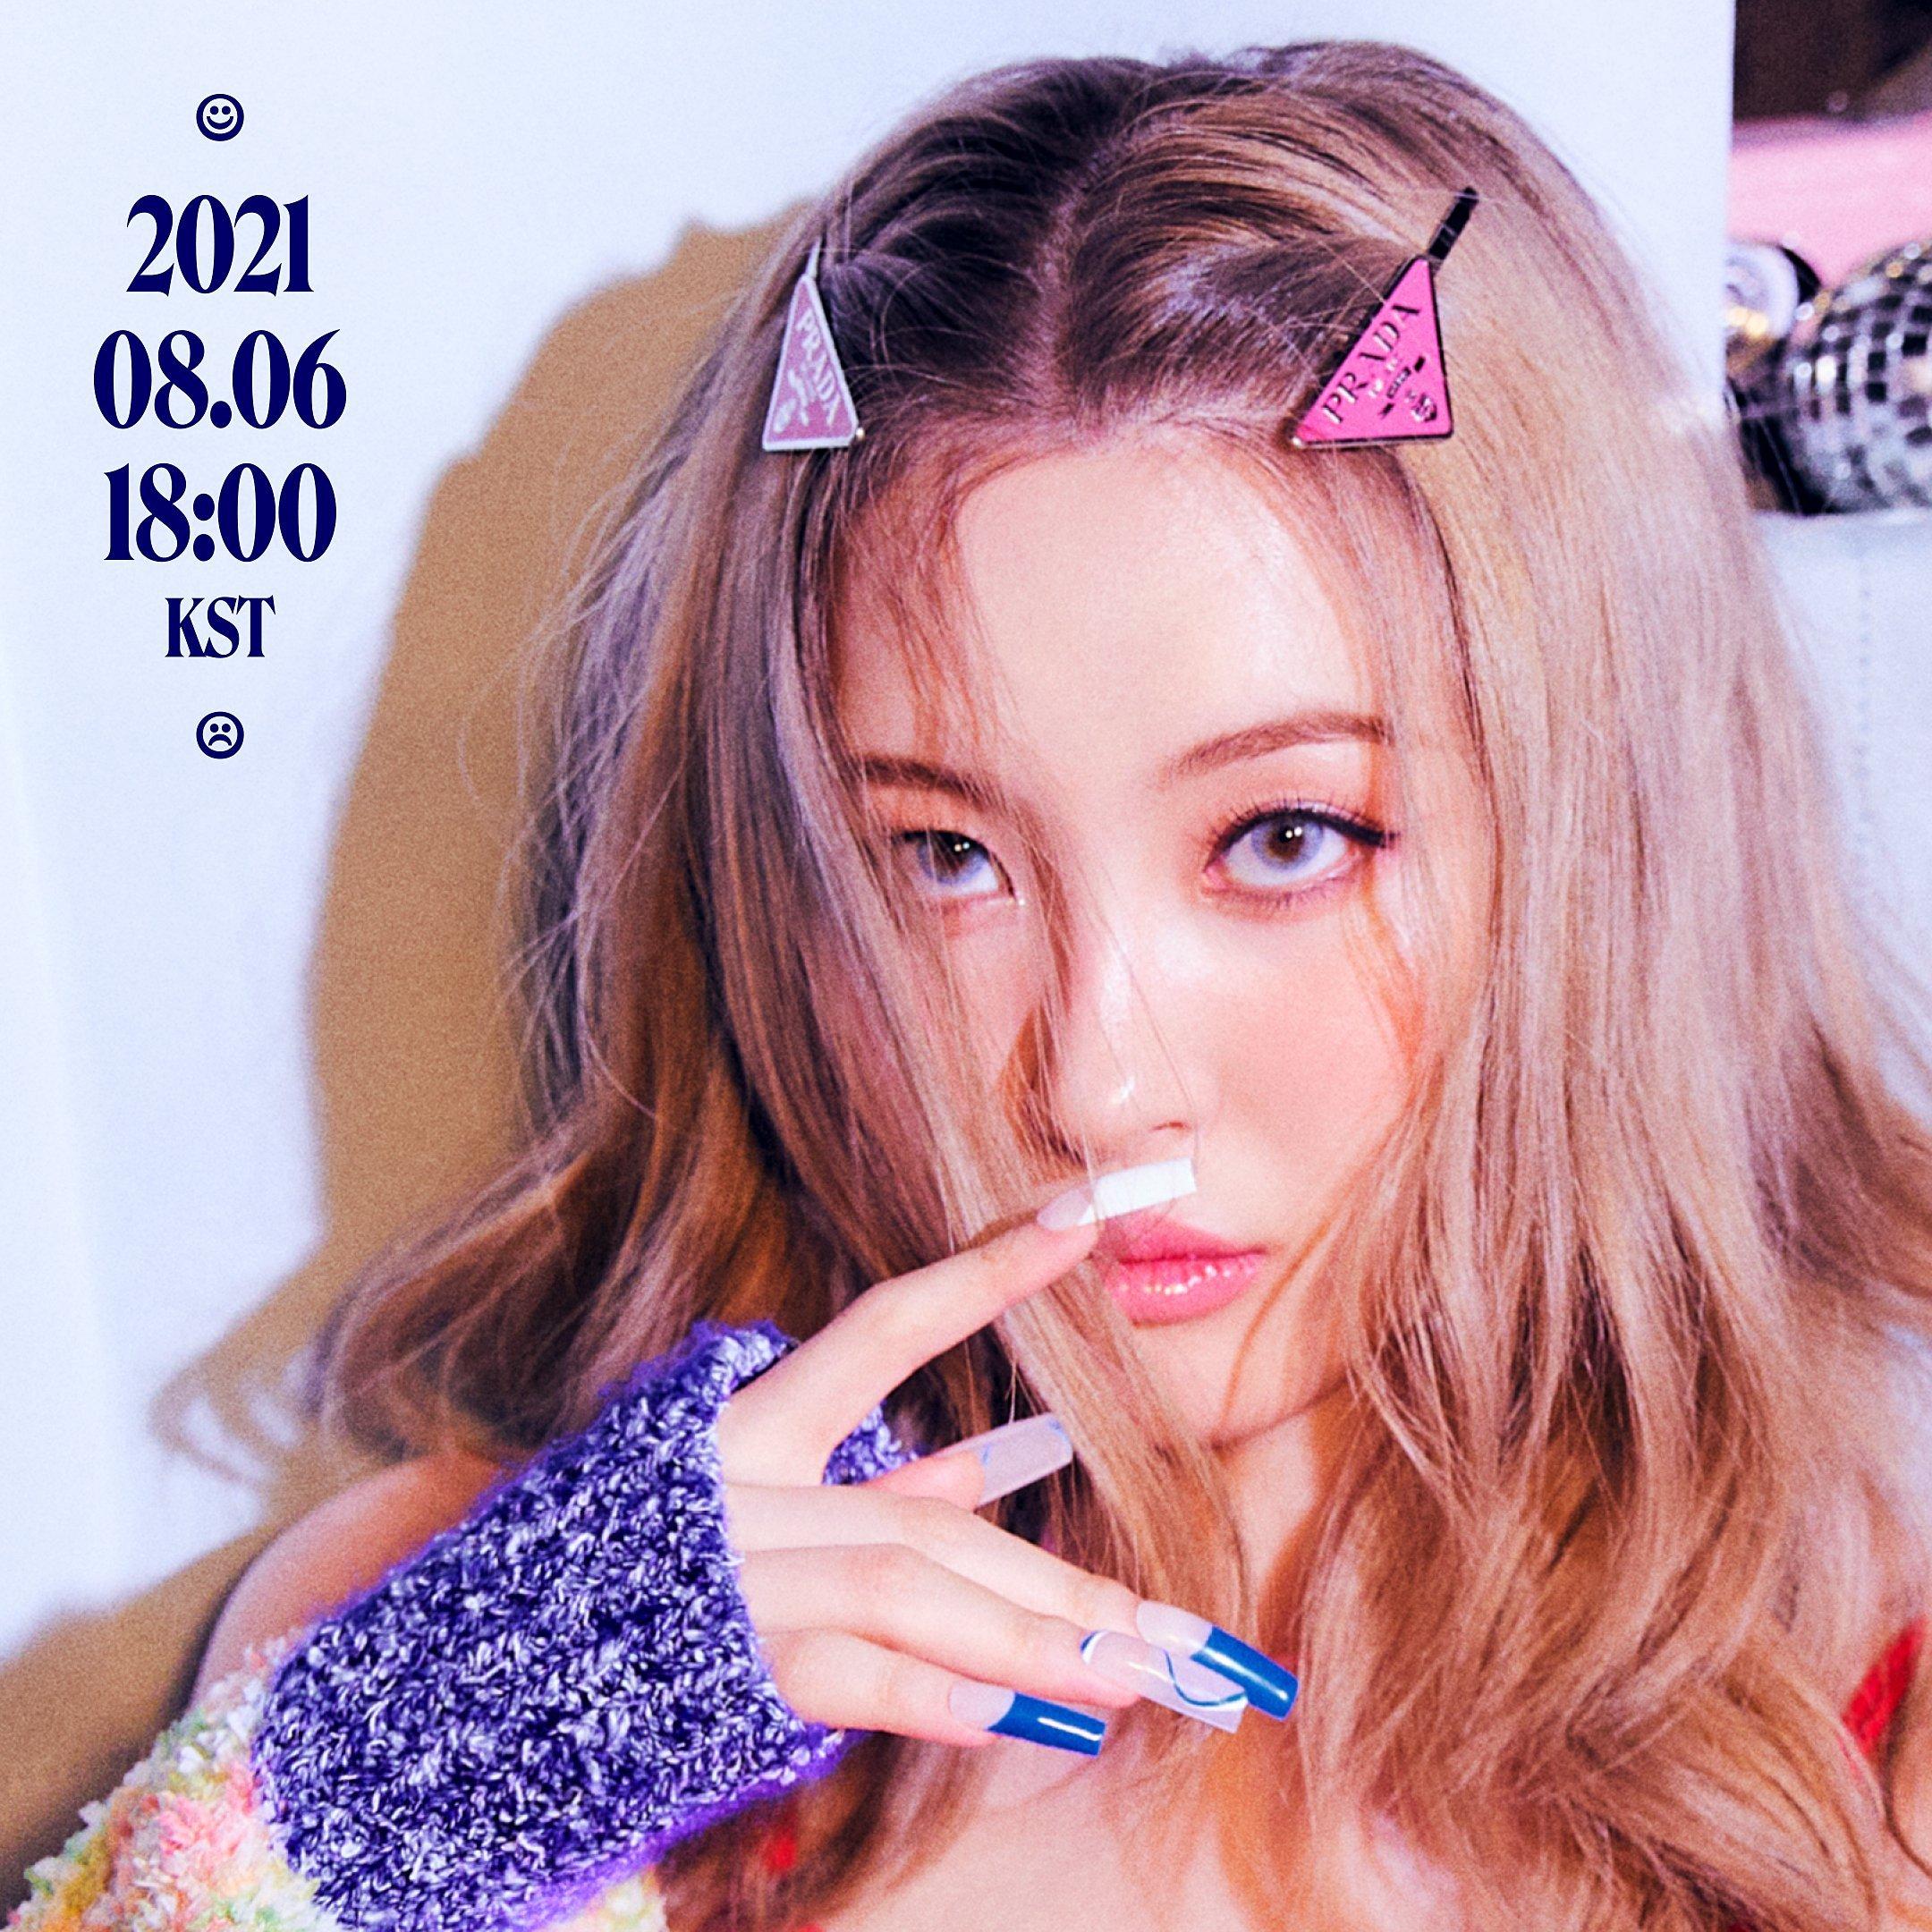 mini-album_1/6_teaser1